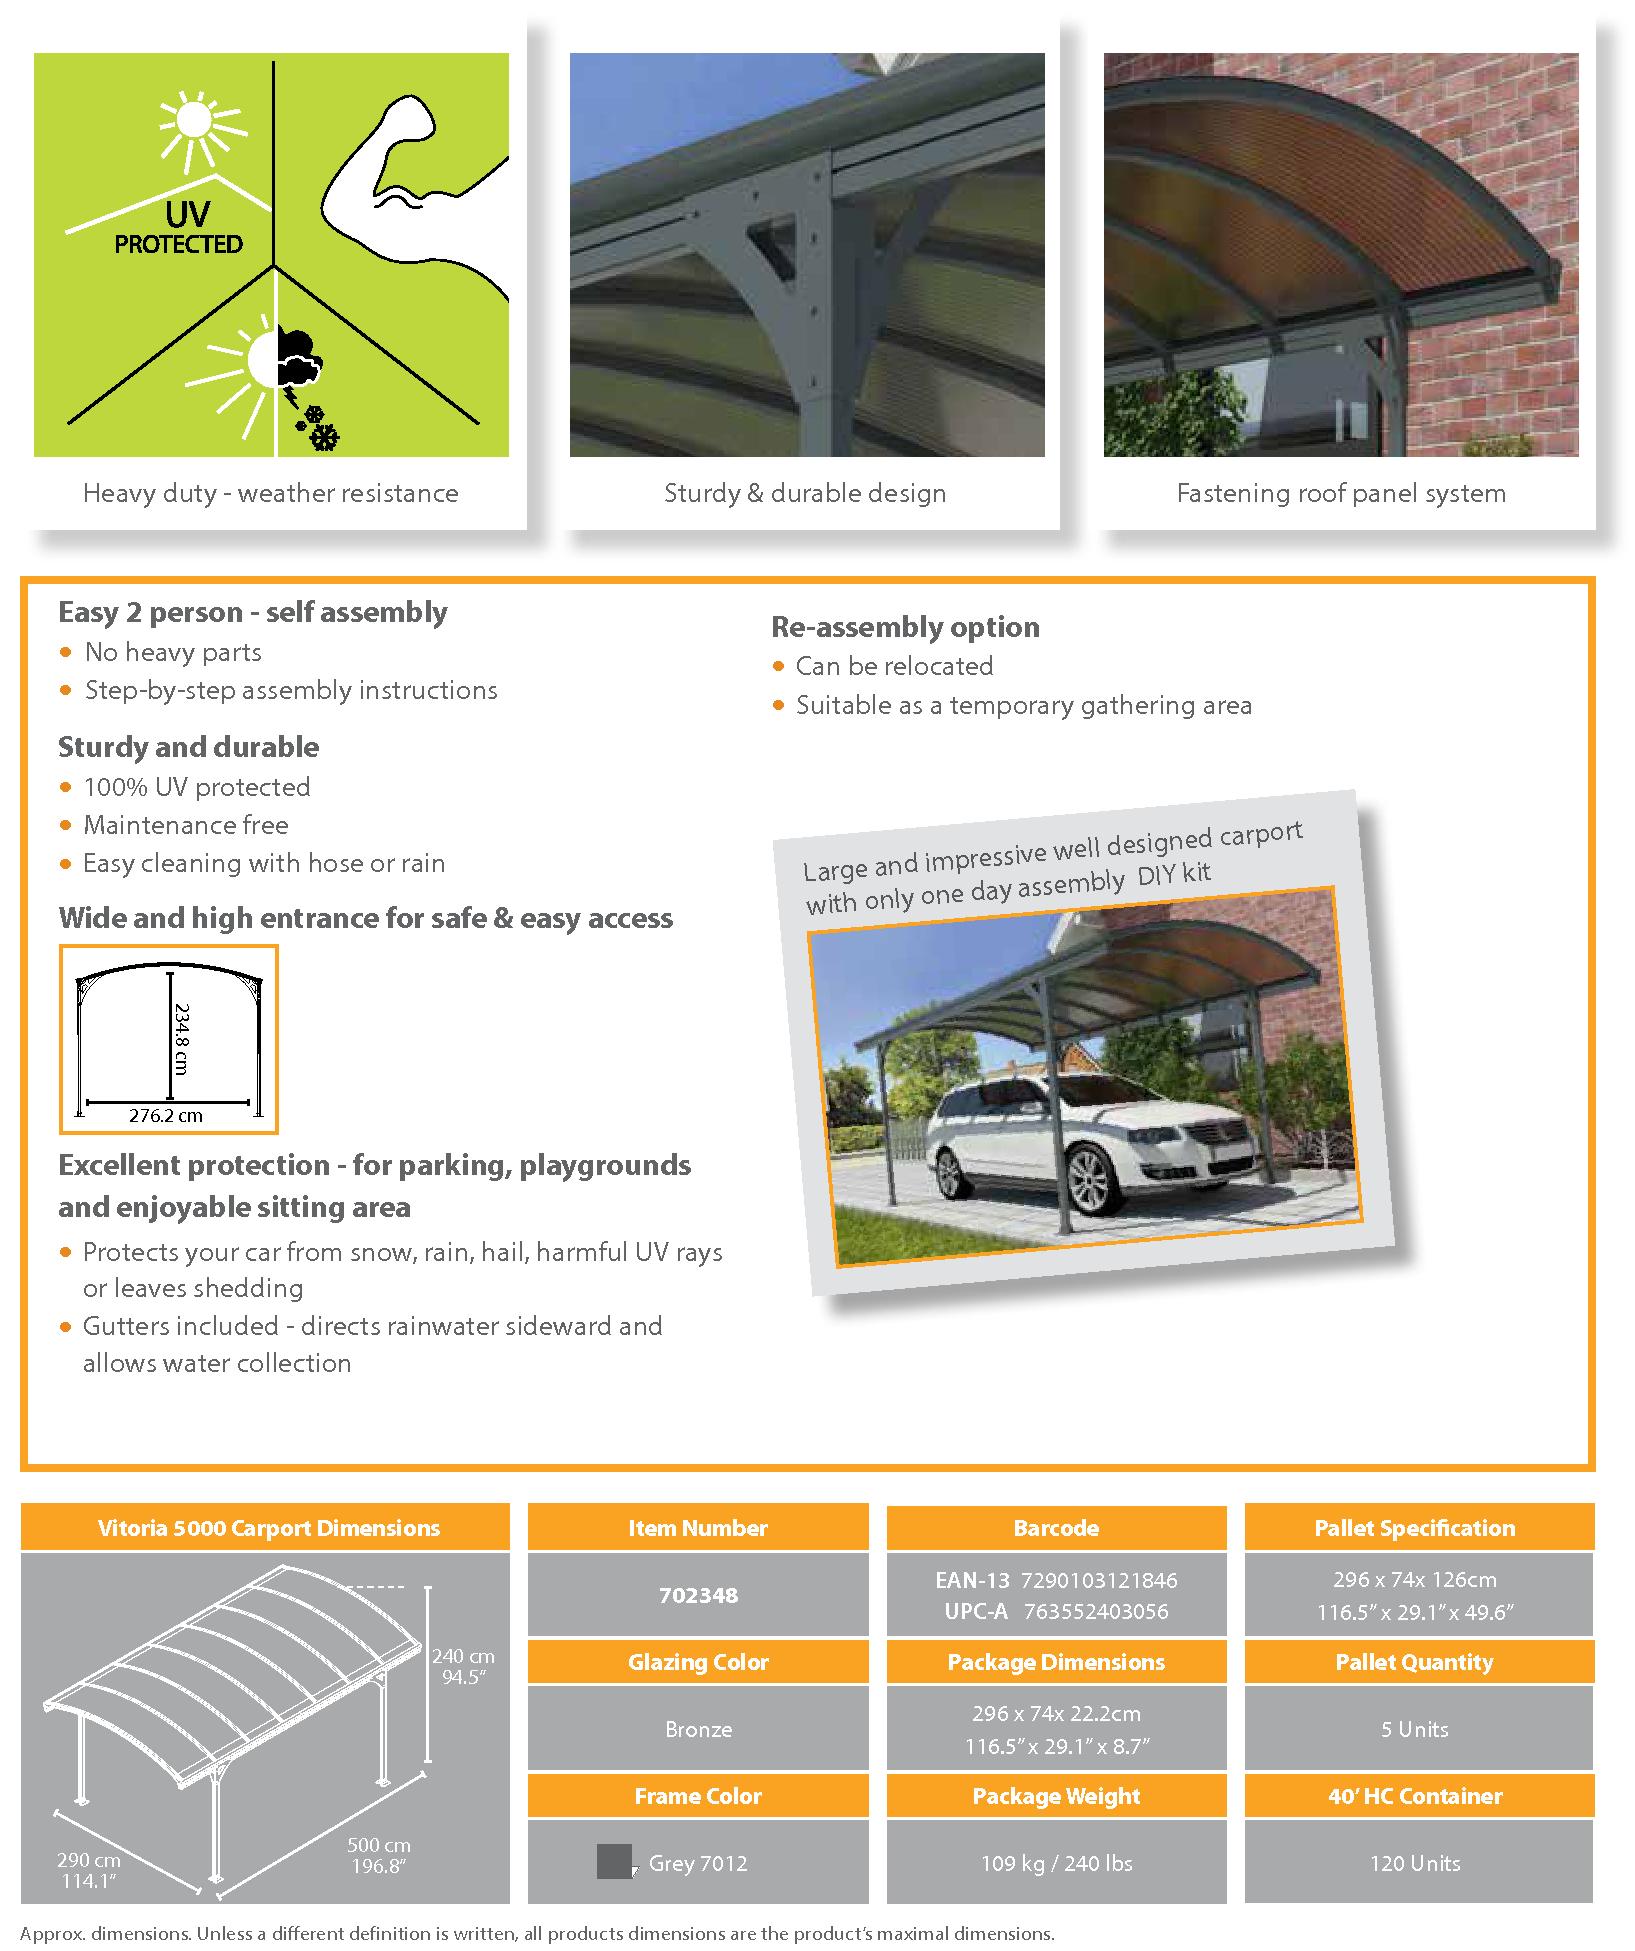 vitoria_5000_carport_leaflet_p2